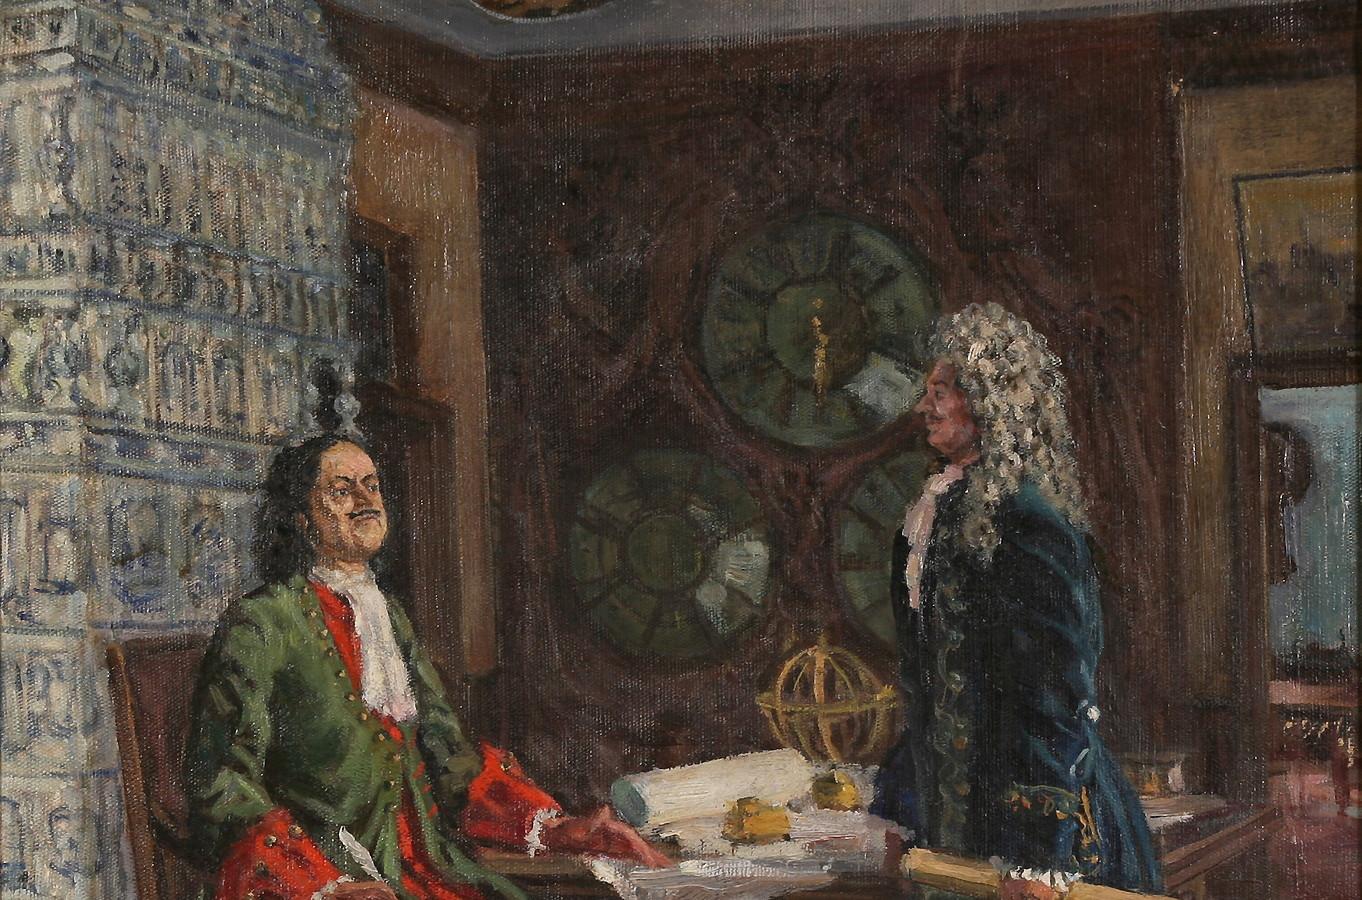 Петр I и Меньшиков в Летнем дворце